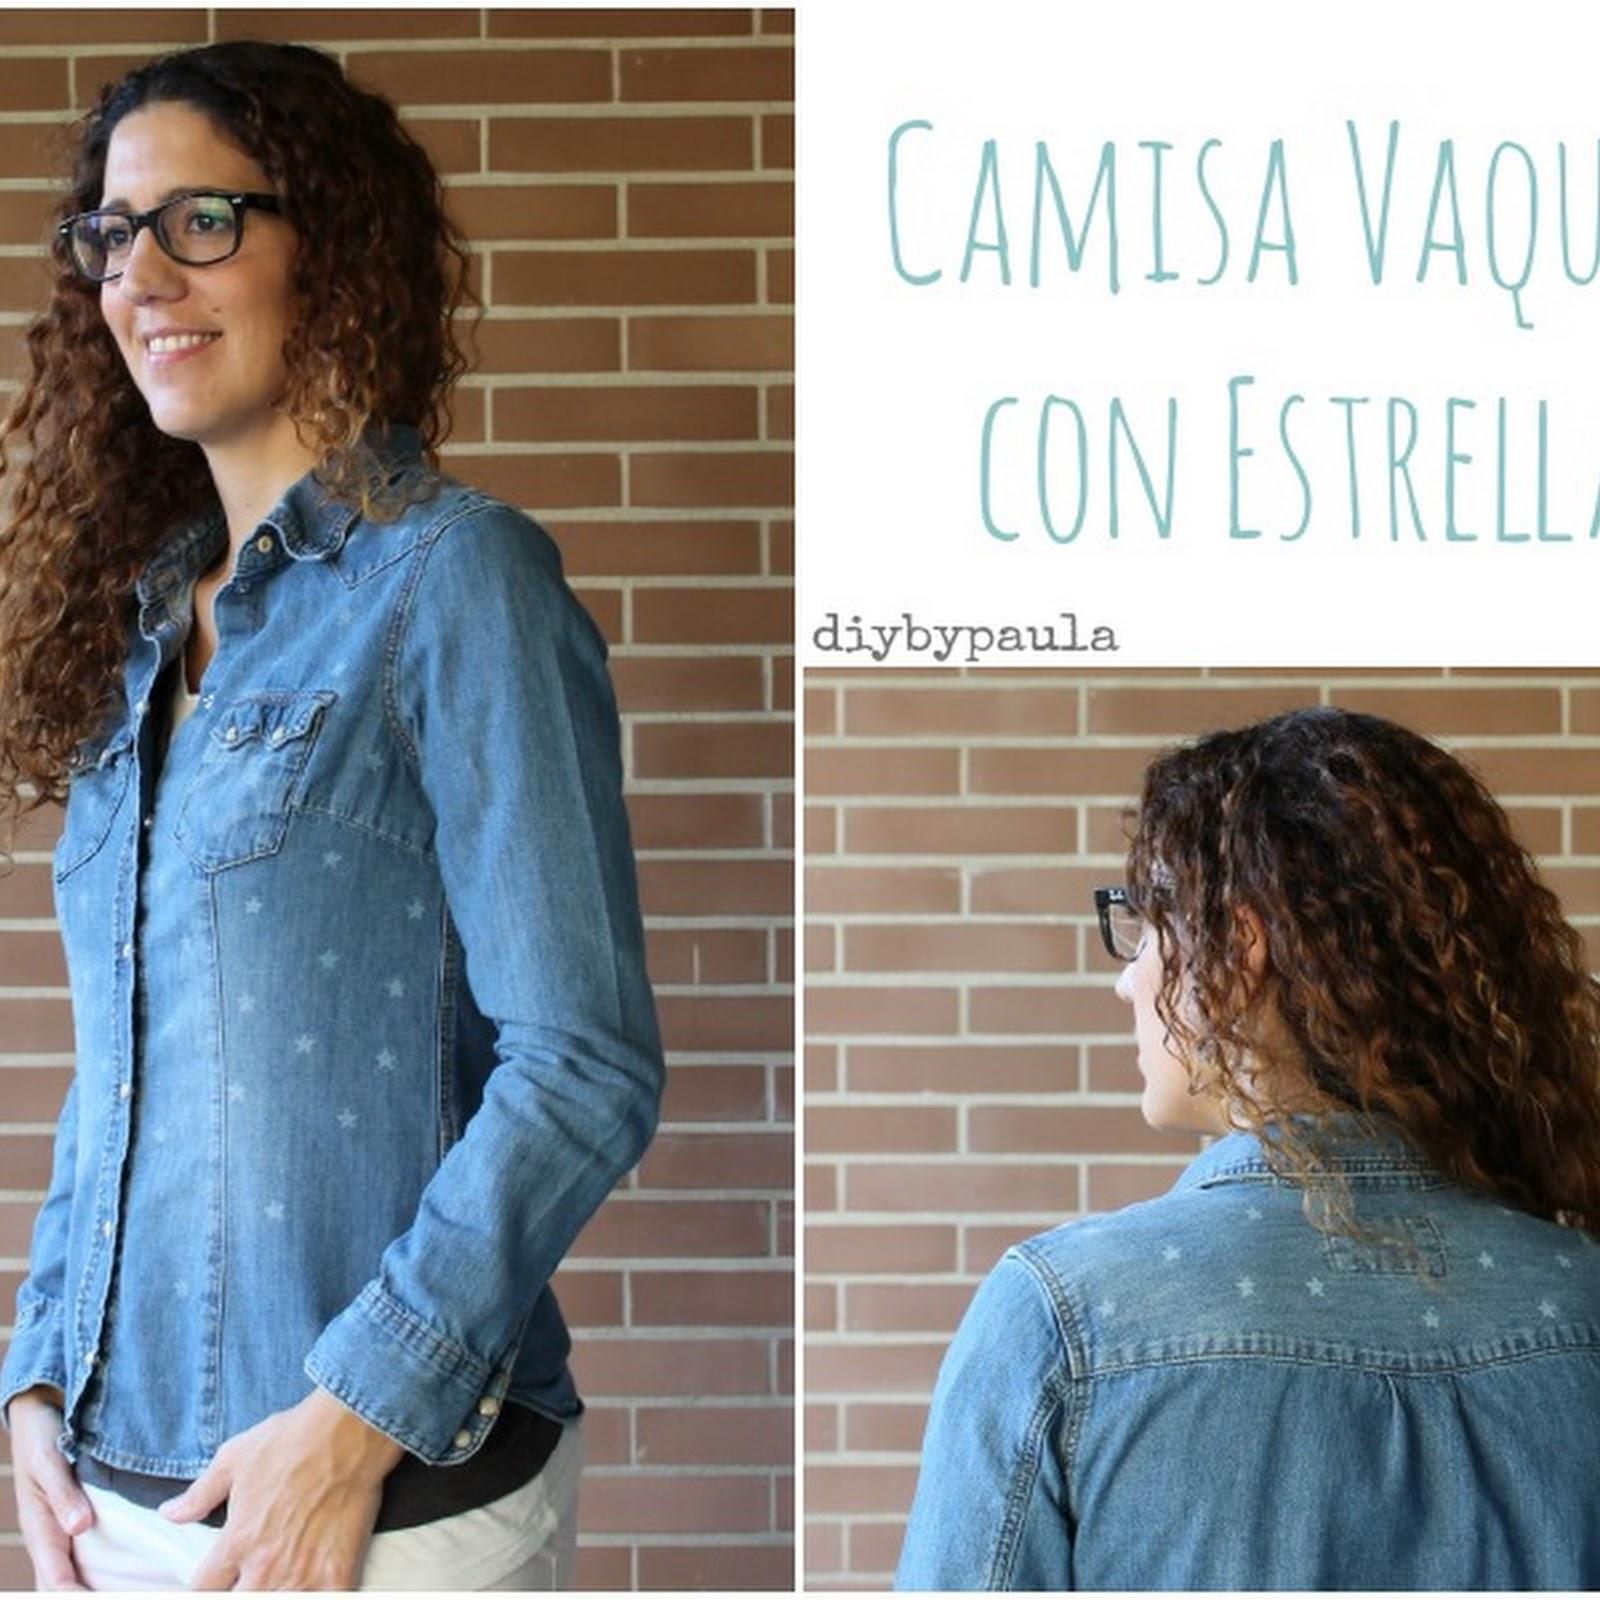 Camisa vaquera estrellada